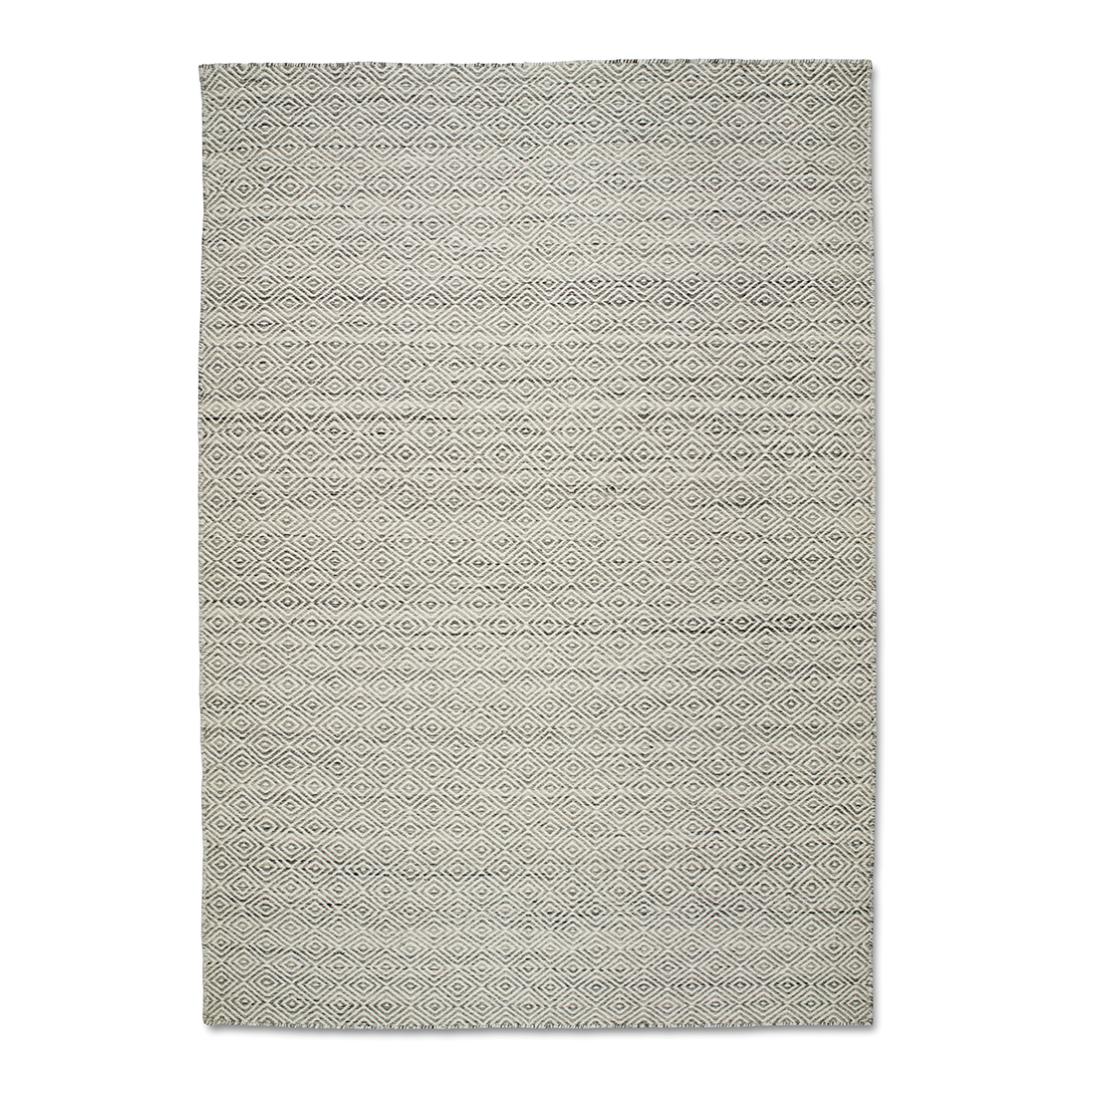 Ullmatta Gåsöga grå 200 x 300, Classic Collection